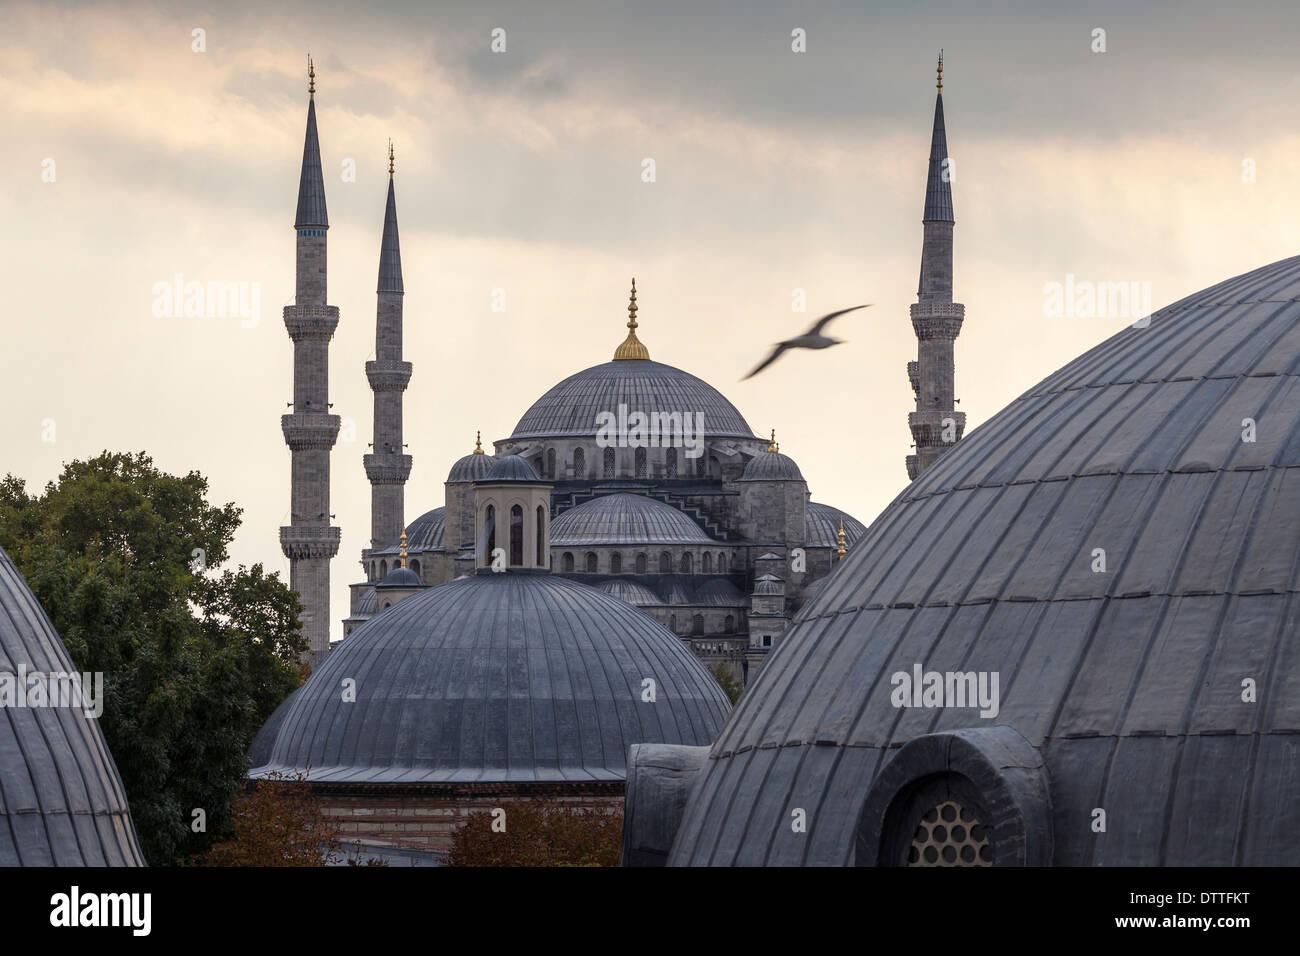 Cúpulas y torres de la Mezquita Azul de Estambul, Turquía Imagen De Stock